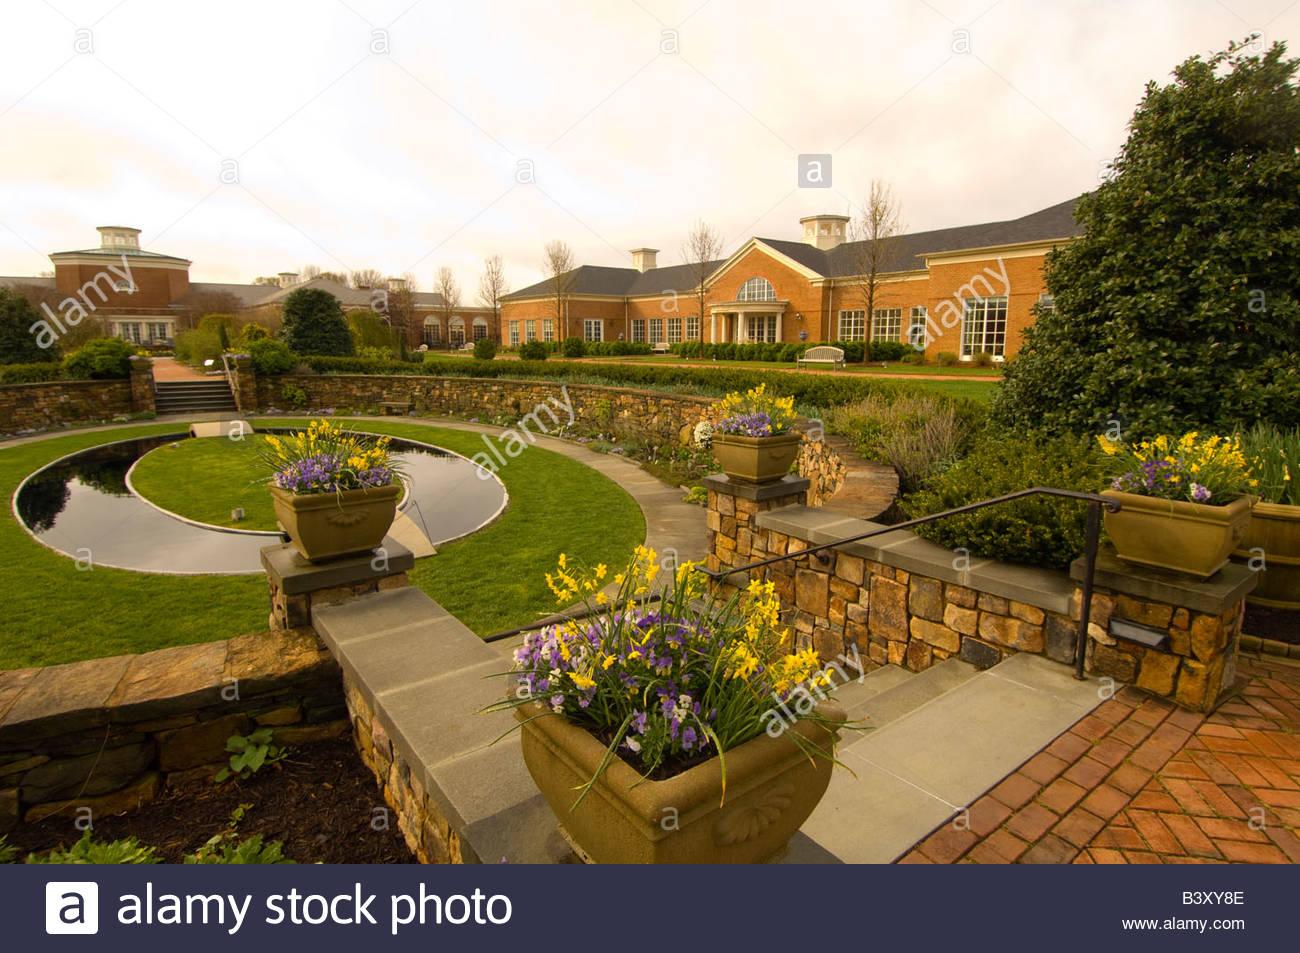 Lewis Ginter Botanical Garden Richmond Virginia USA Stock Photo ...